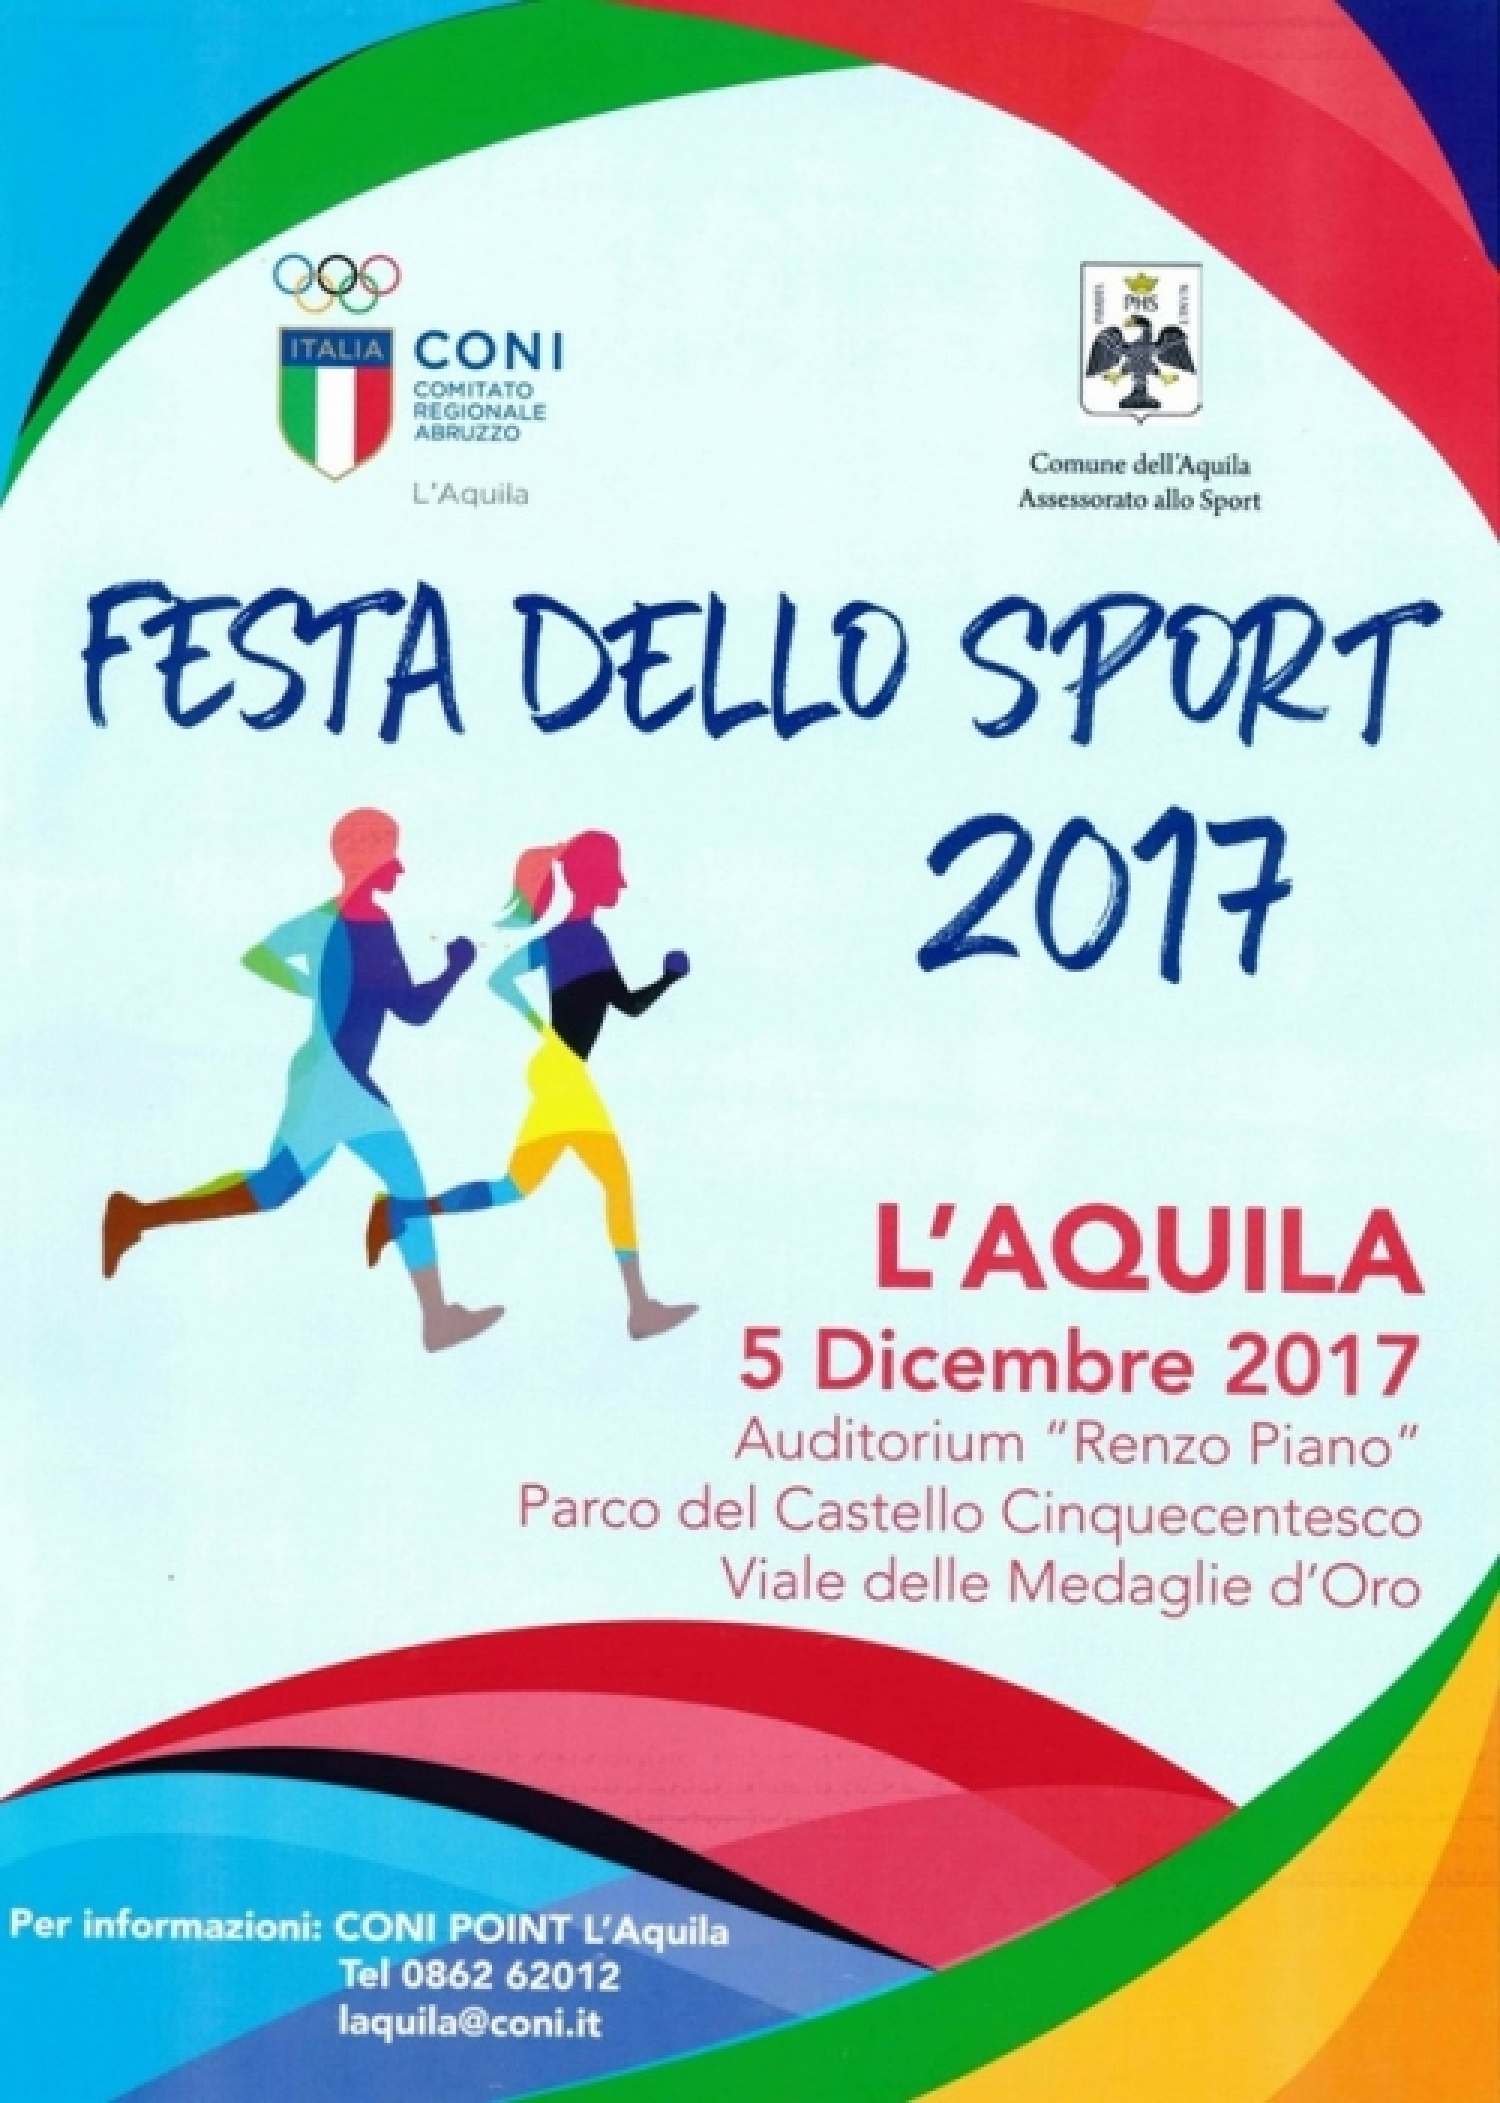 Festa dello sport.jpg